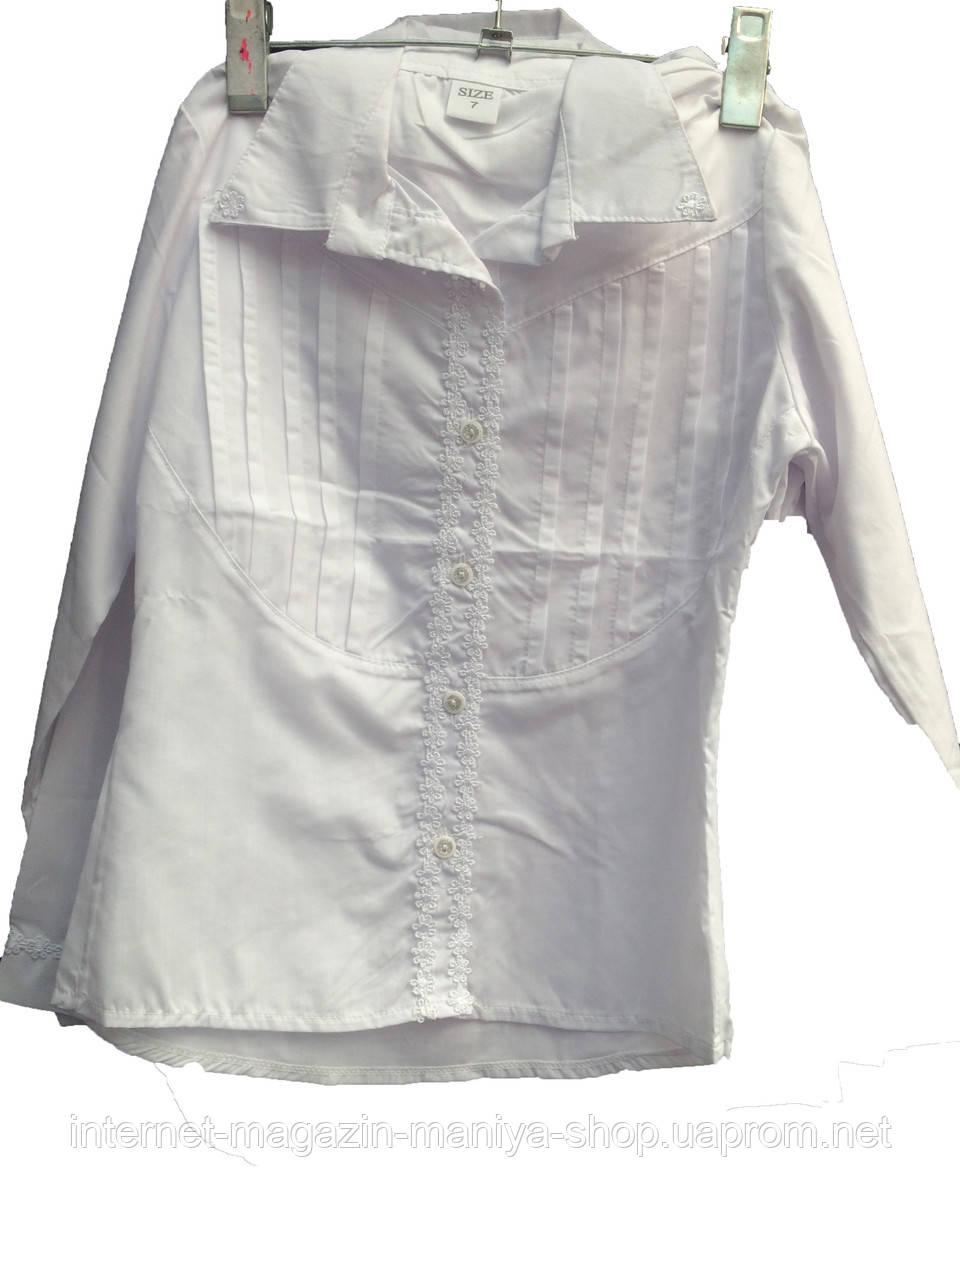 Где купить длинную блузку